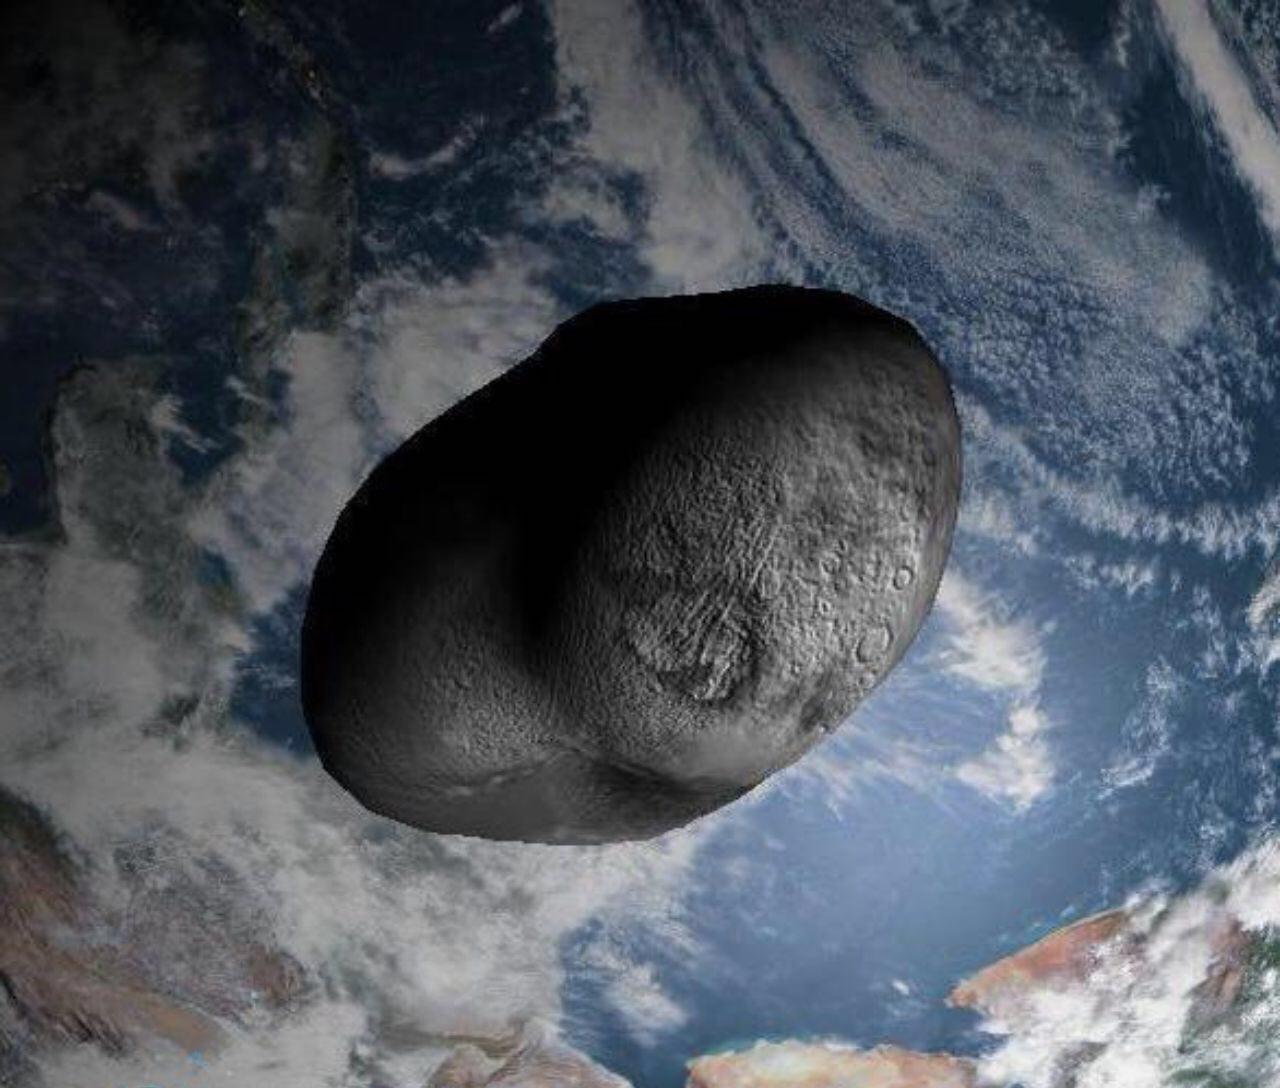 نگرانی دانشمندان از برخورد شهاب سنگ آپوفیس به زمین